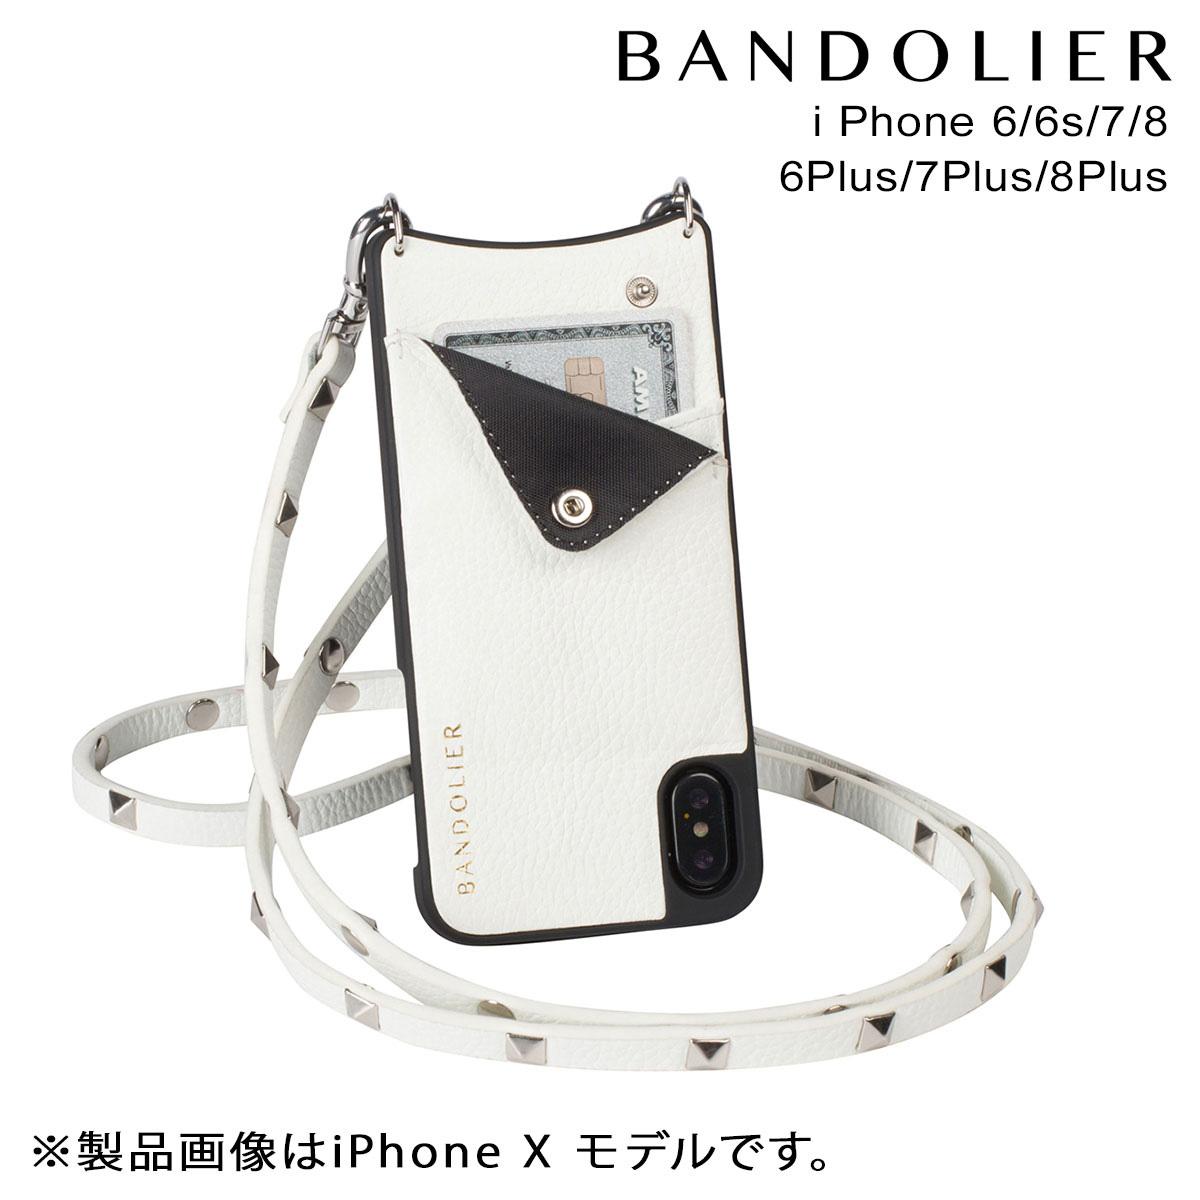 BANDOLIER バンドリヤー iPhone8 iPhone7 7Plus 6s ケース スマホ アイフォン プラス SARAH WHITE レザー メンズ レディース [9/14 再入荷]